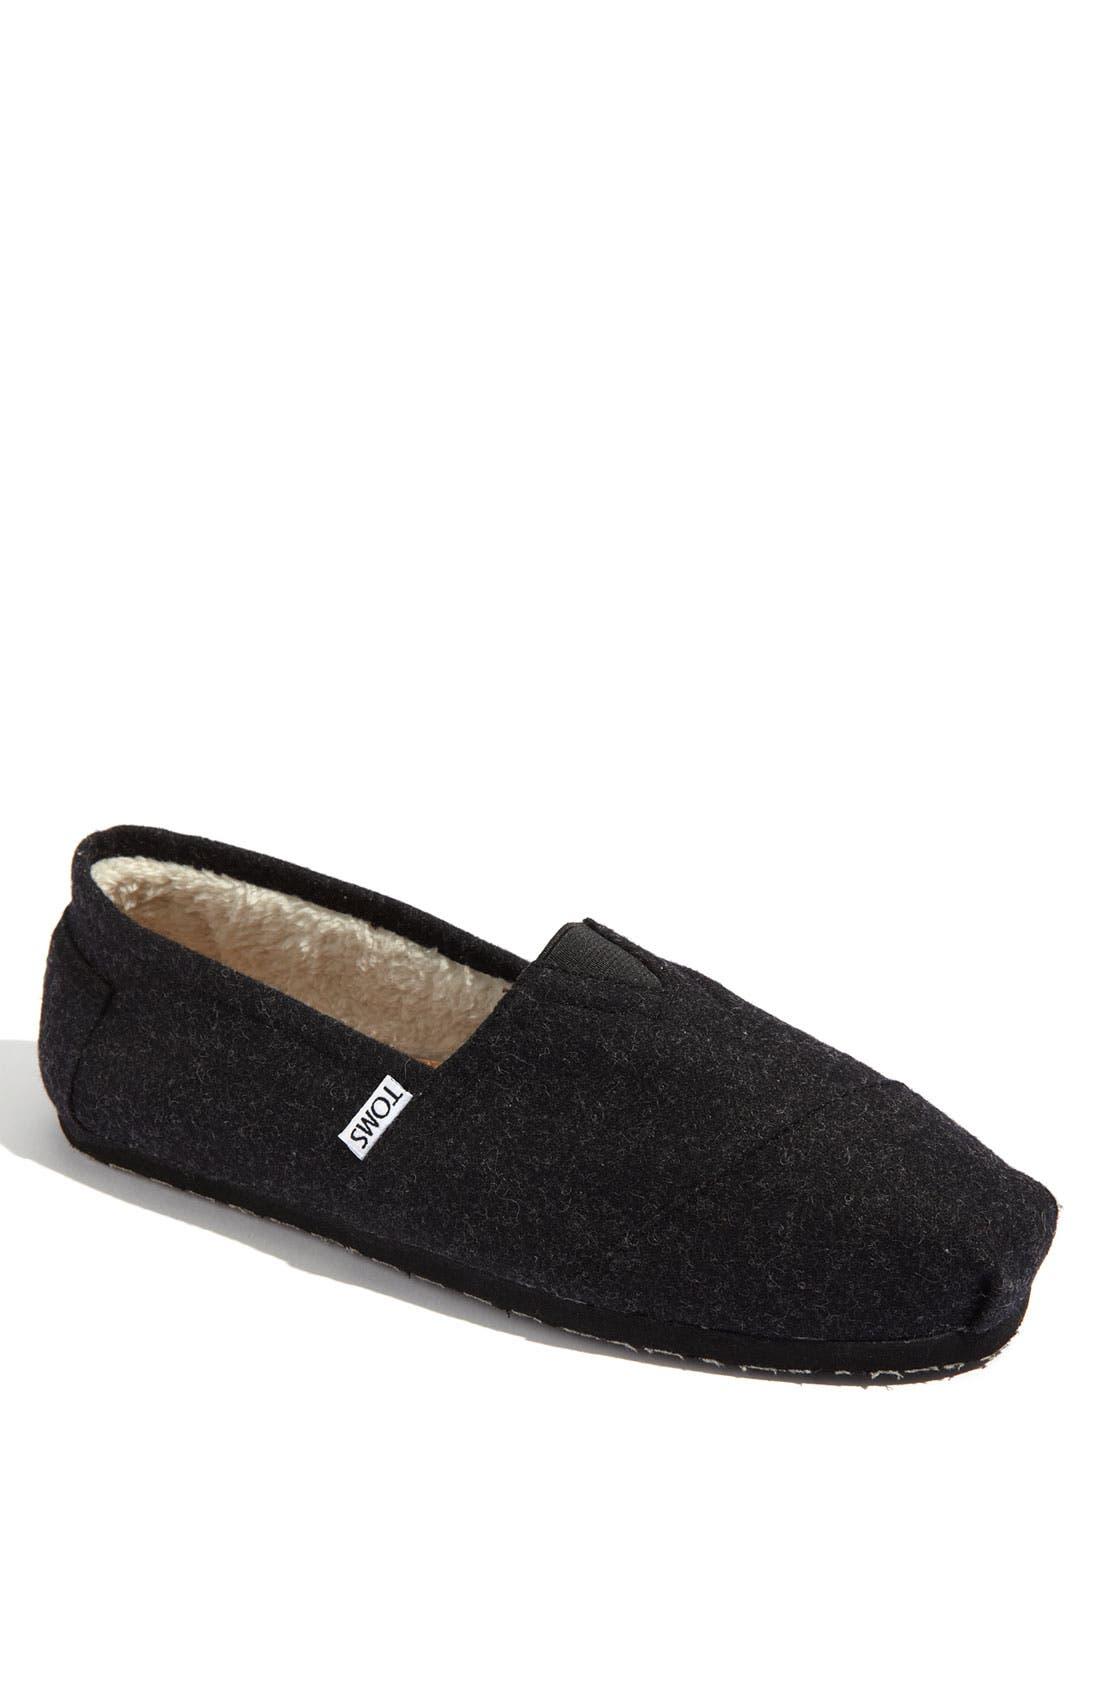 Main Image - TOMS 'Classic' Woolen Slip-On (Men)